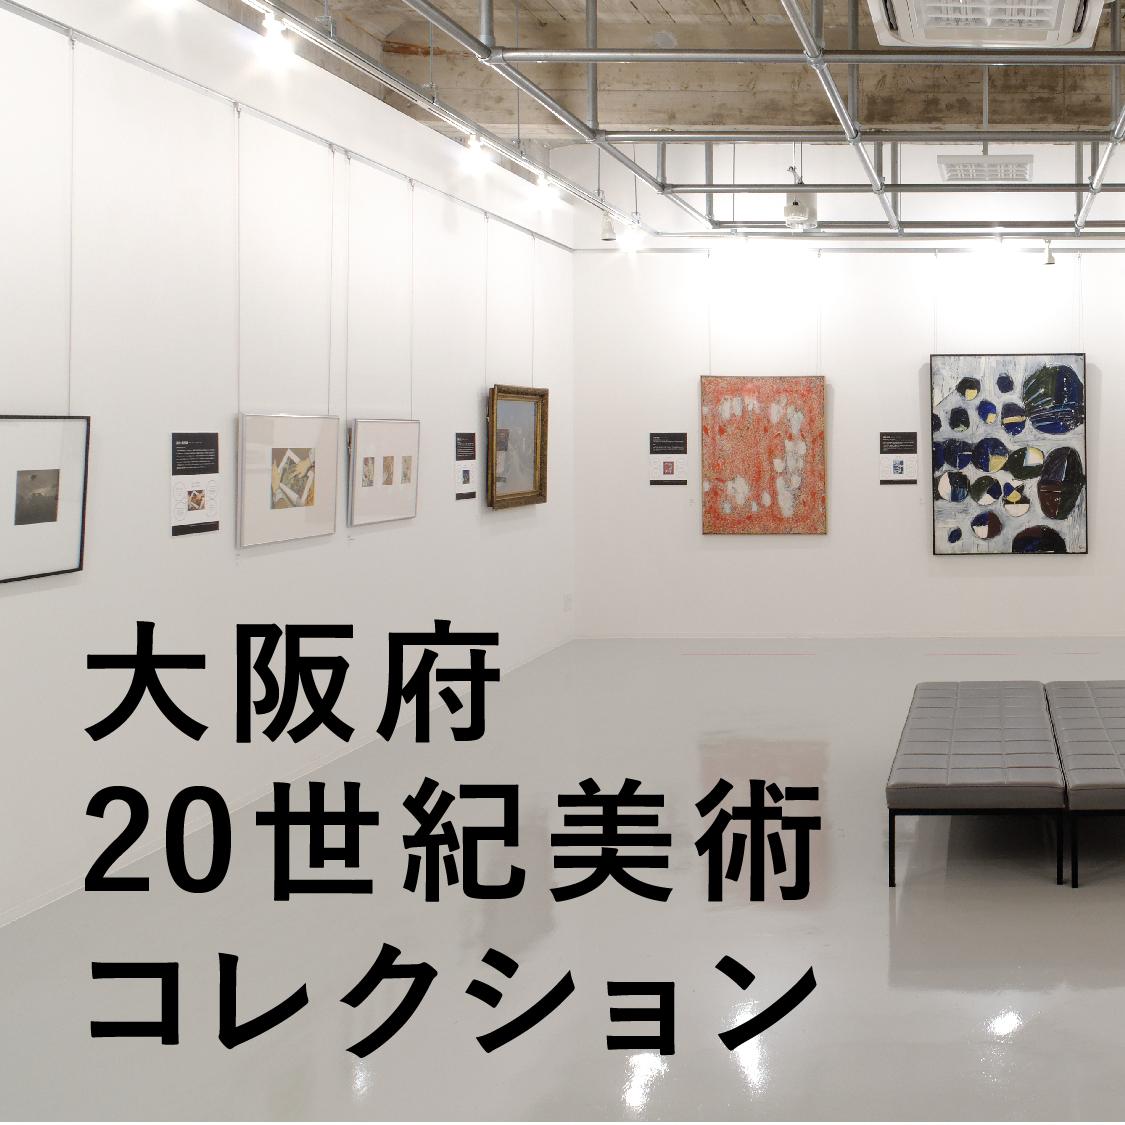 大阪府20世紀美術コレクション